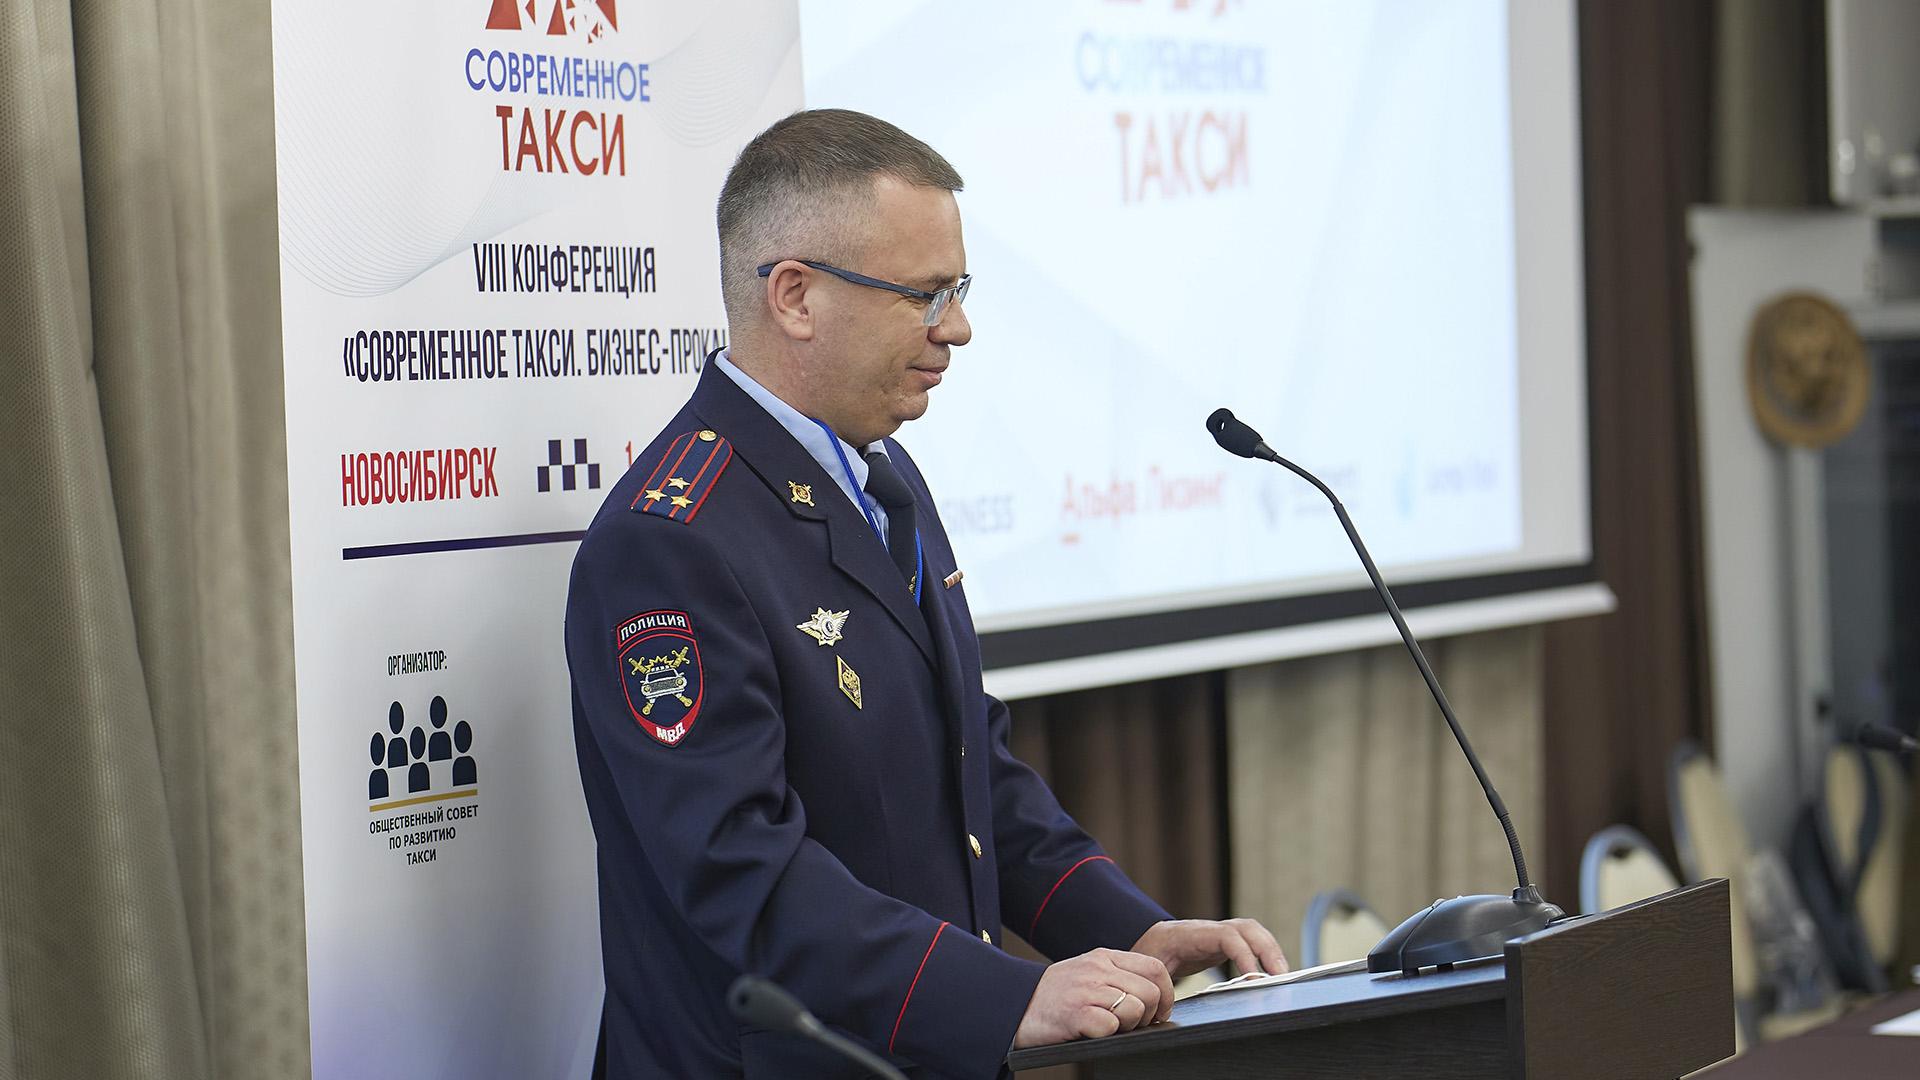 ГИБДД Новосибирска и таксисты обсудили меры по борьбе с нелегальными перевозками